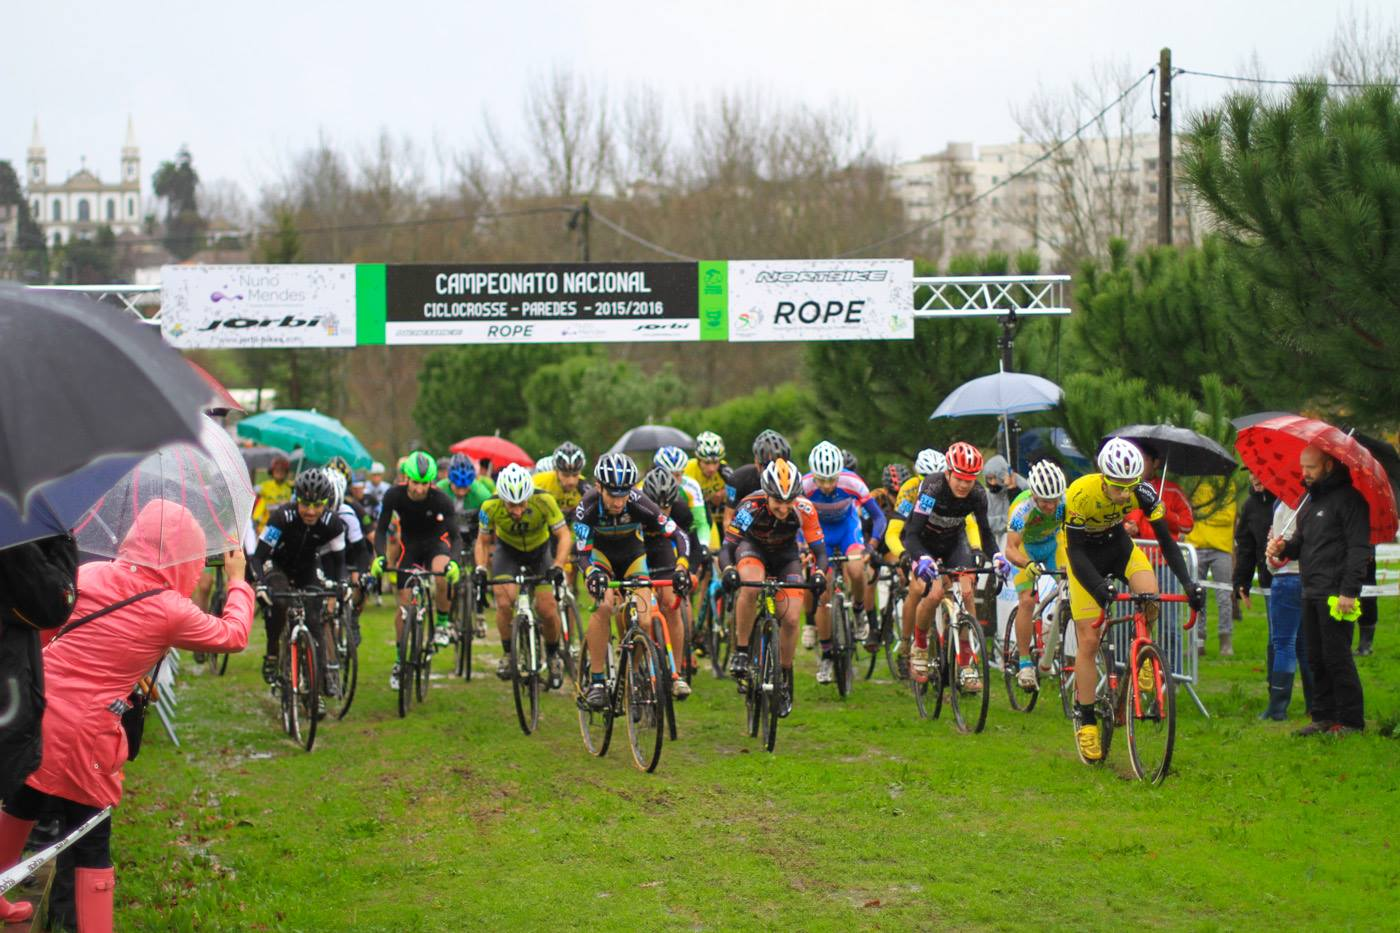 Campeonato Nacional de Ciclocrosse 2015 2016 partida